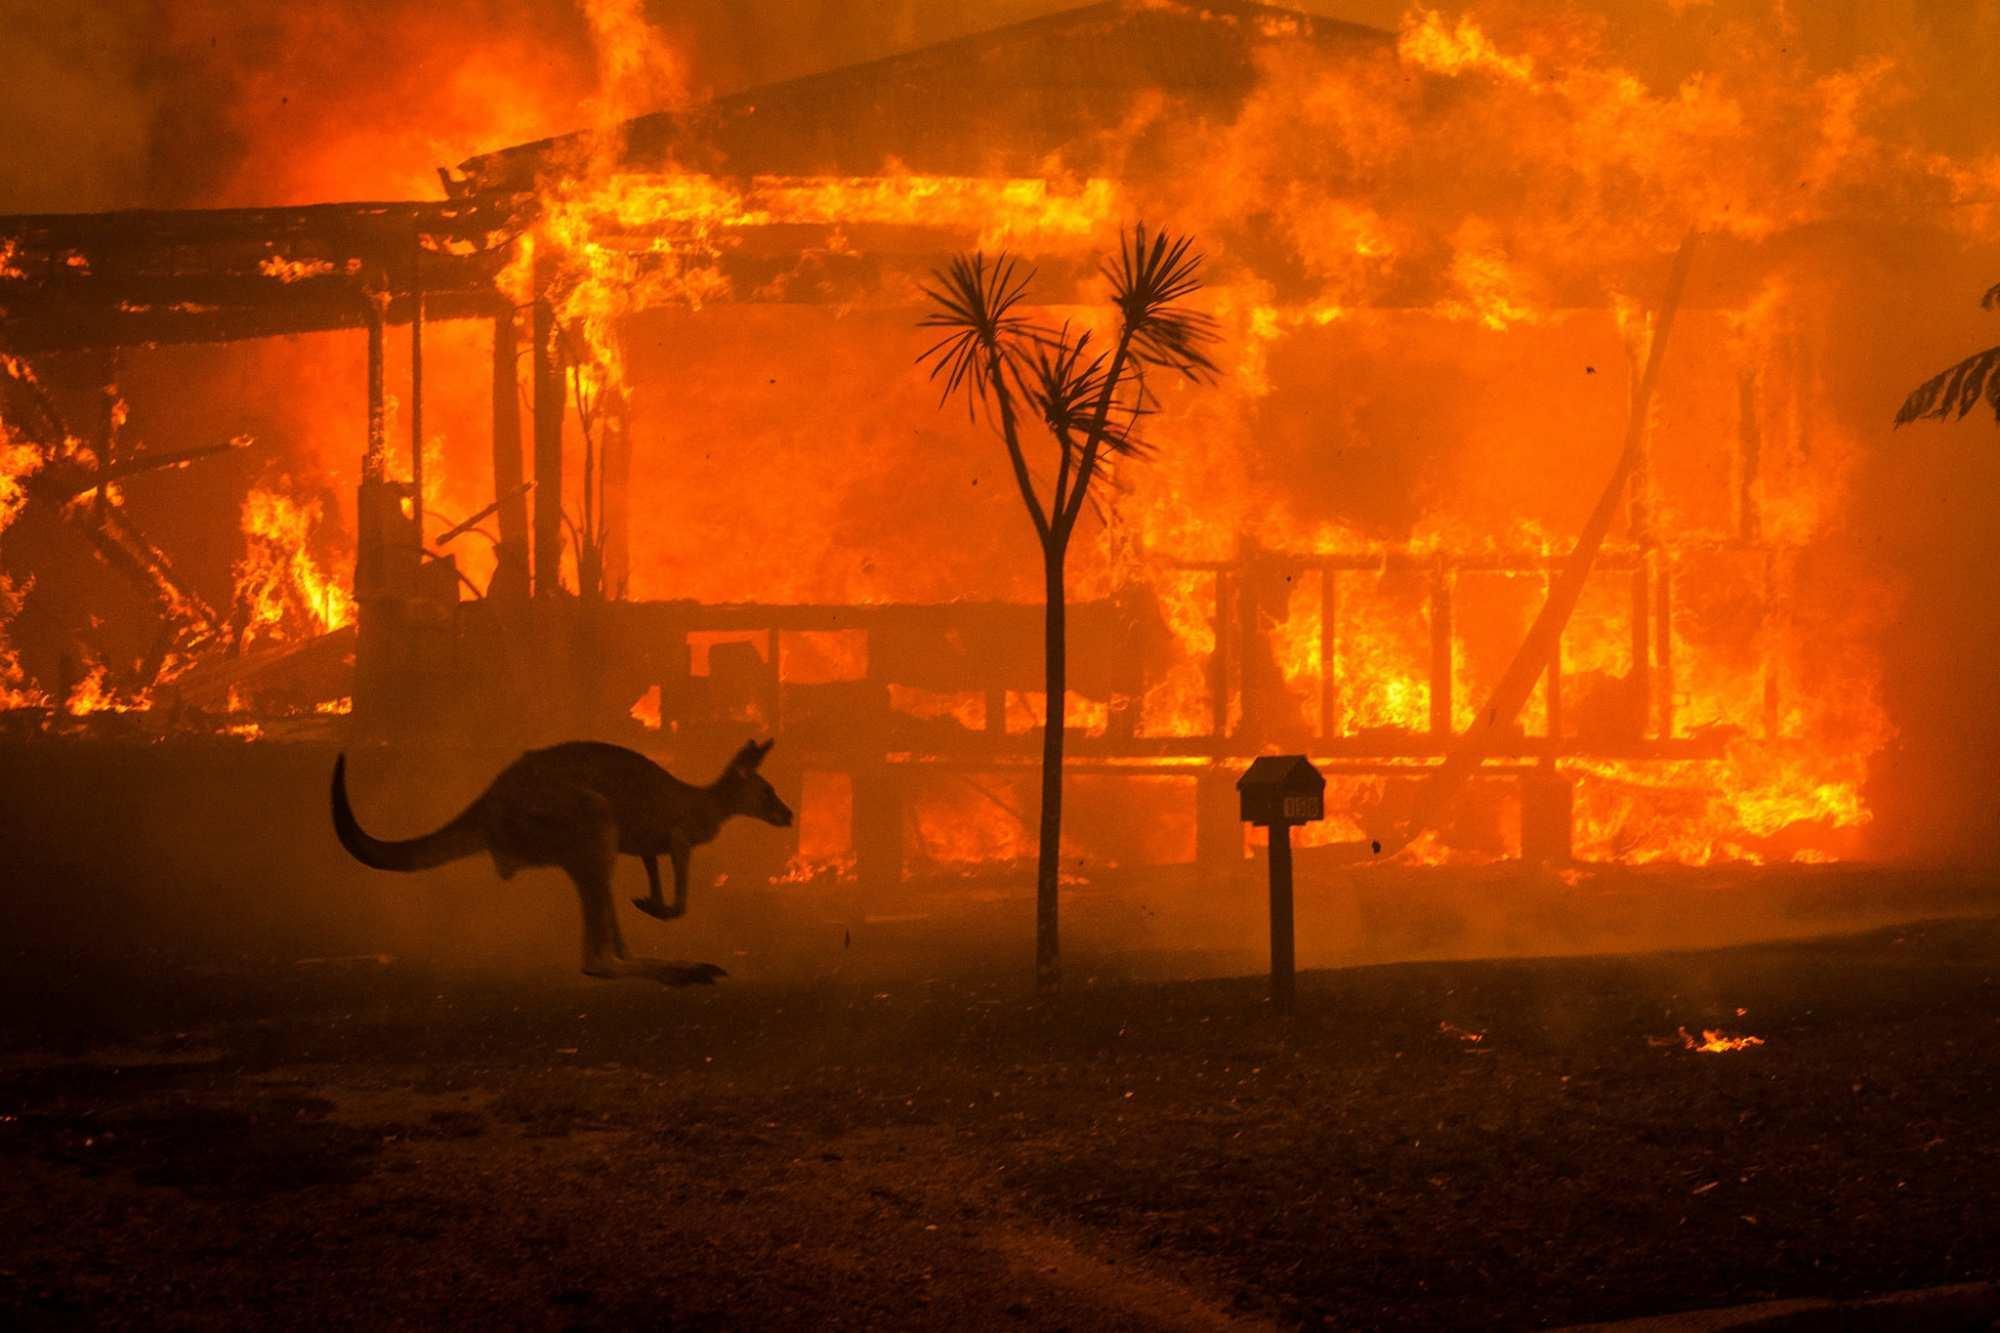 Ад на Земле: увидим ли мы снова Австралию прежней? (ФОТО, ВИДЕО) | Русская весна